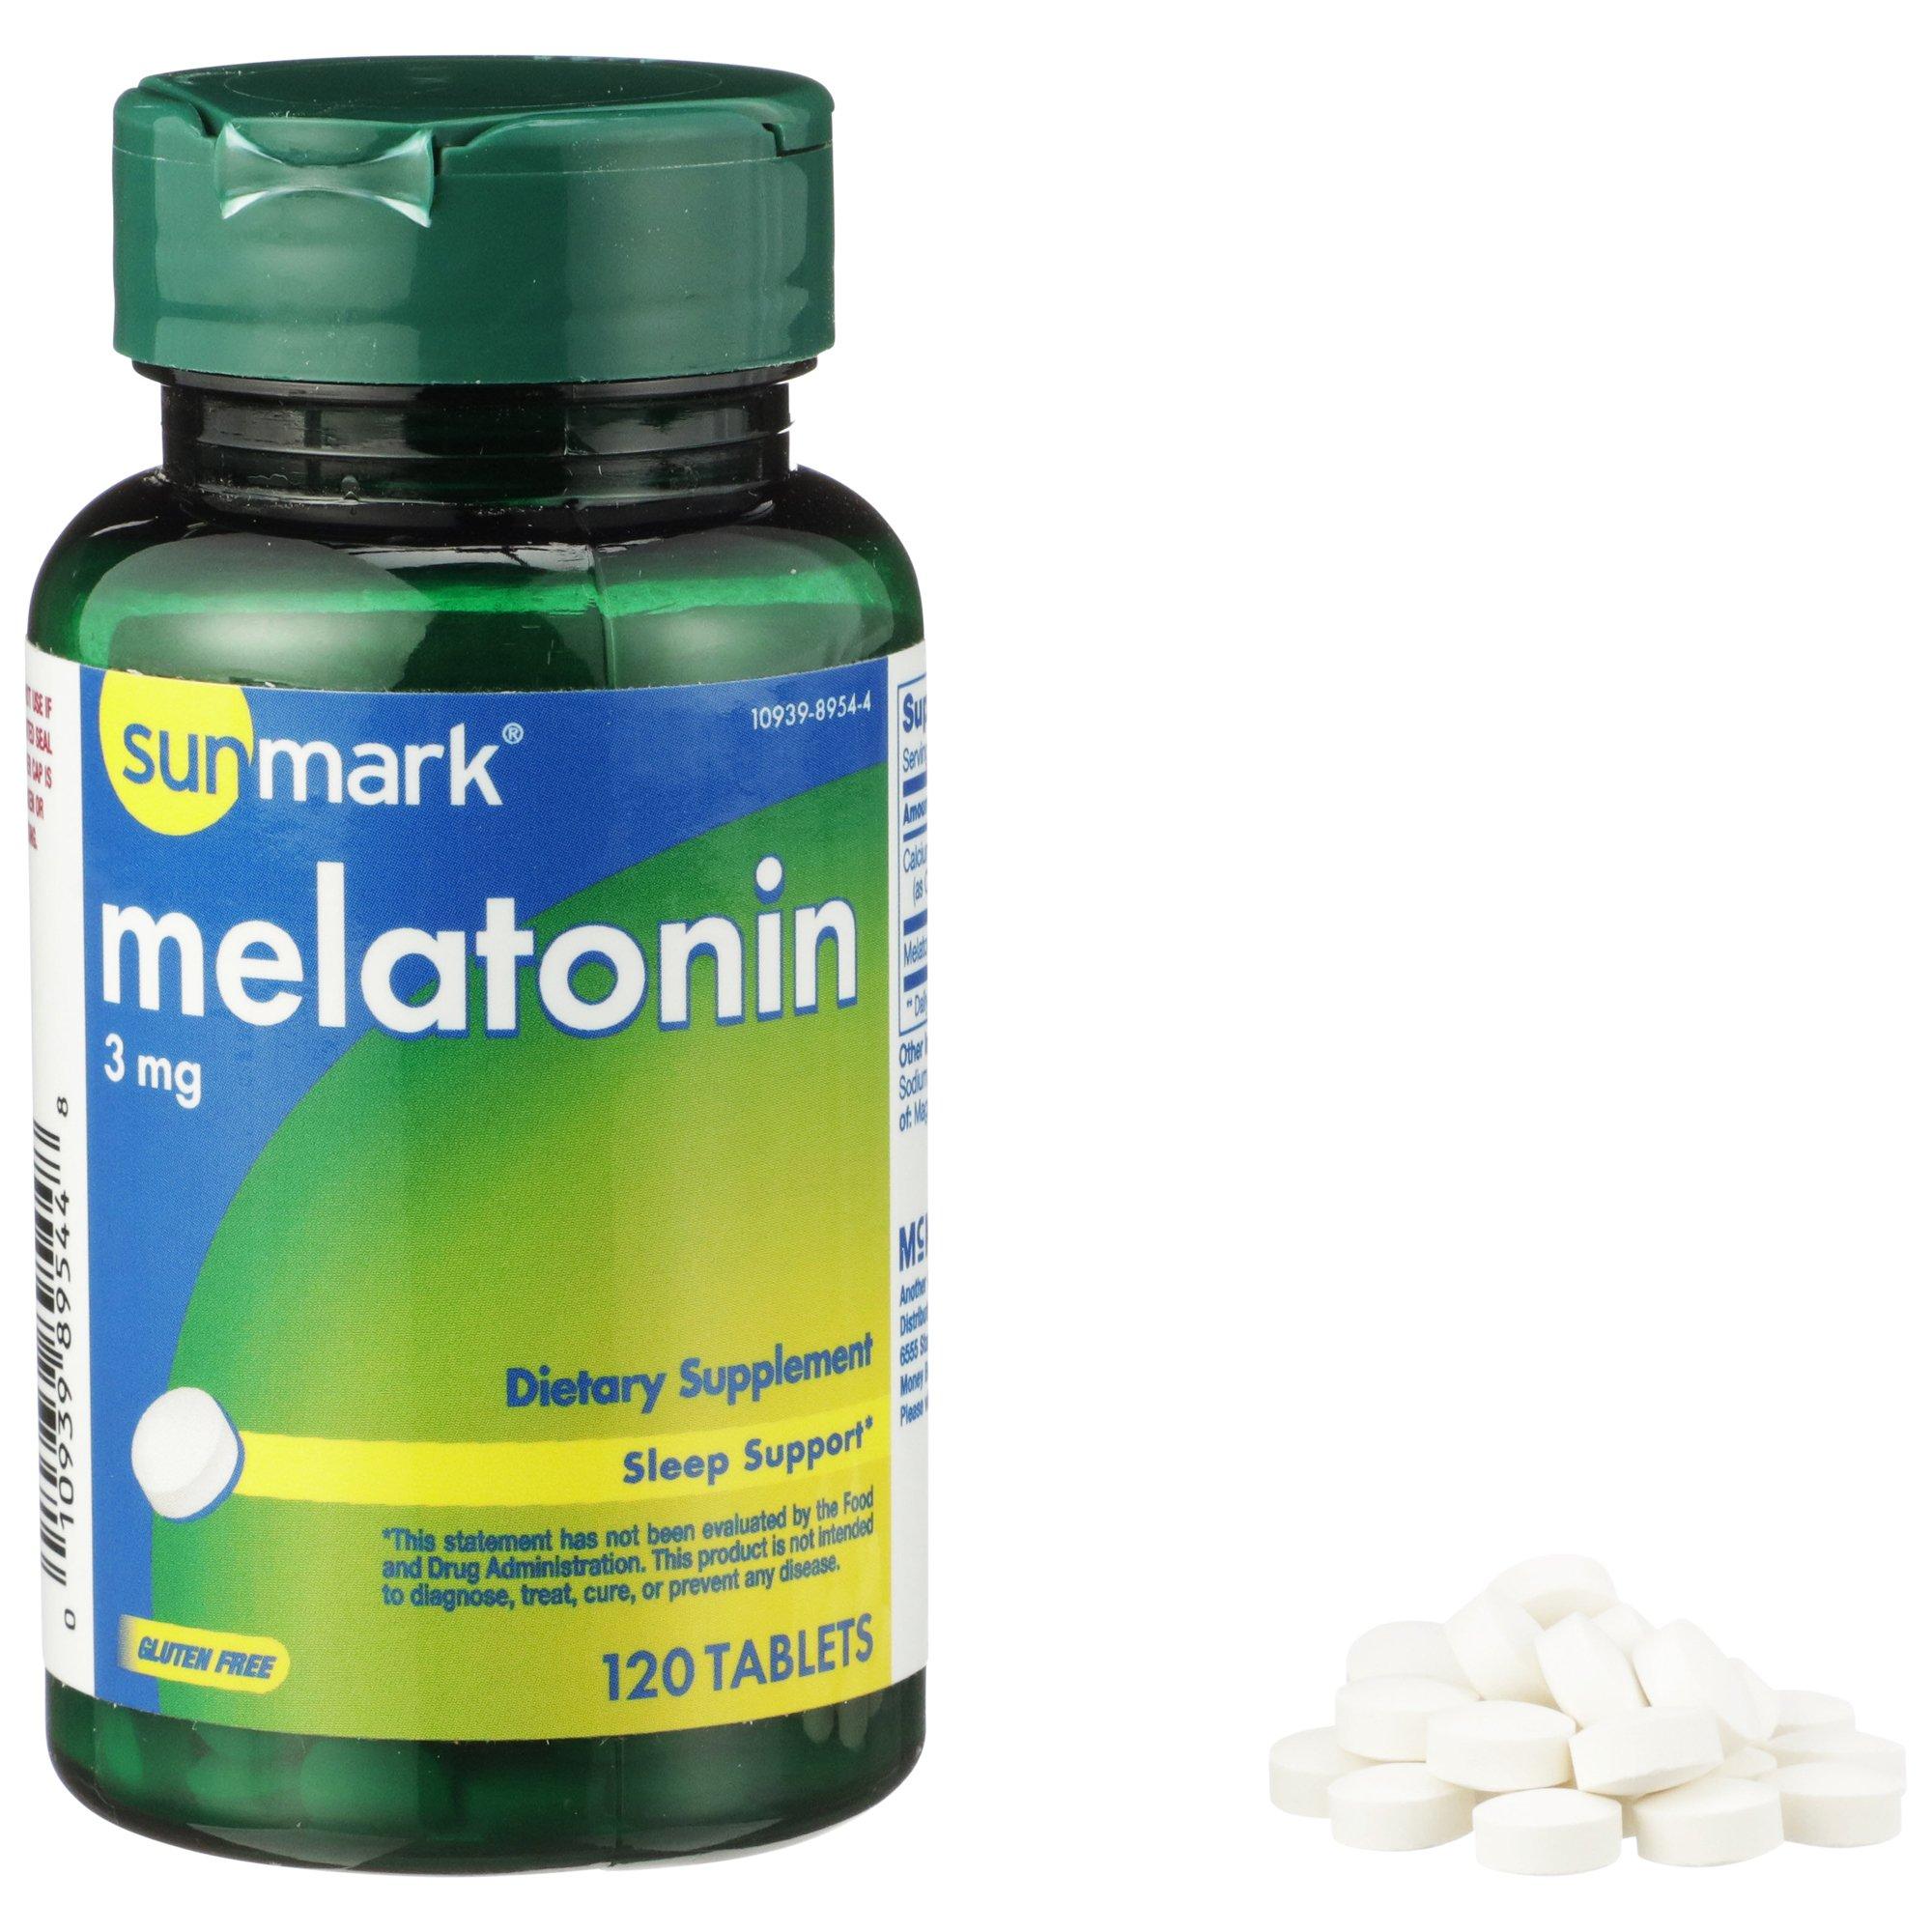 Sunmark Melatonin Dietary Supplement, 3 mg, 120 Tablets, 01093989544, 1 Bottle